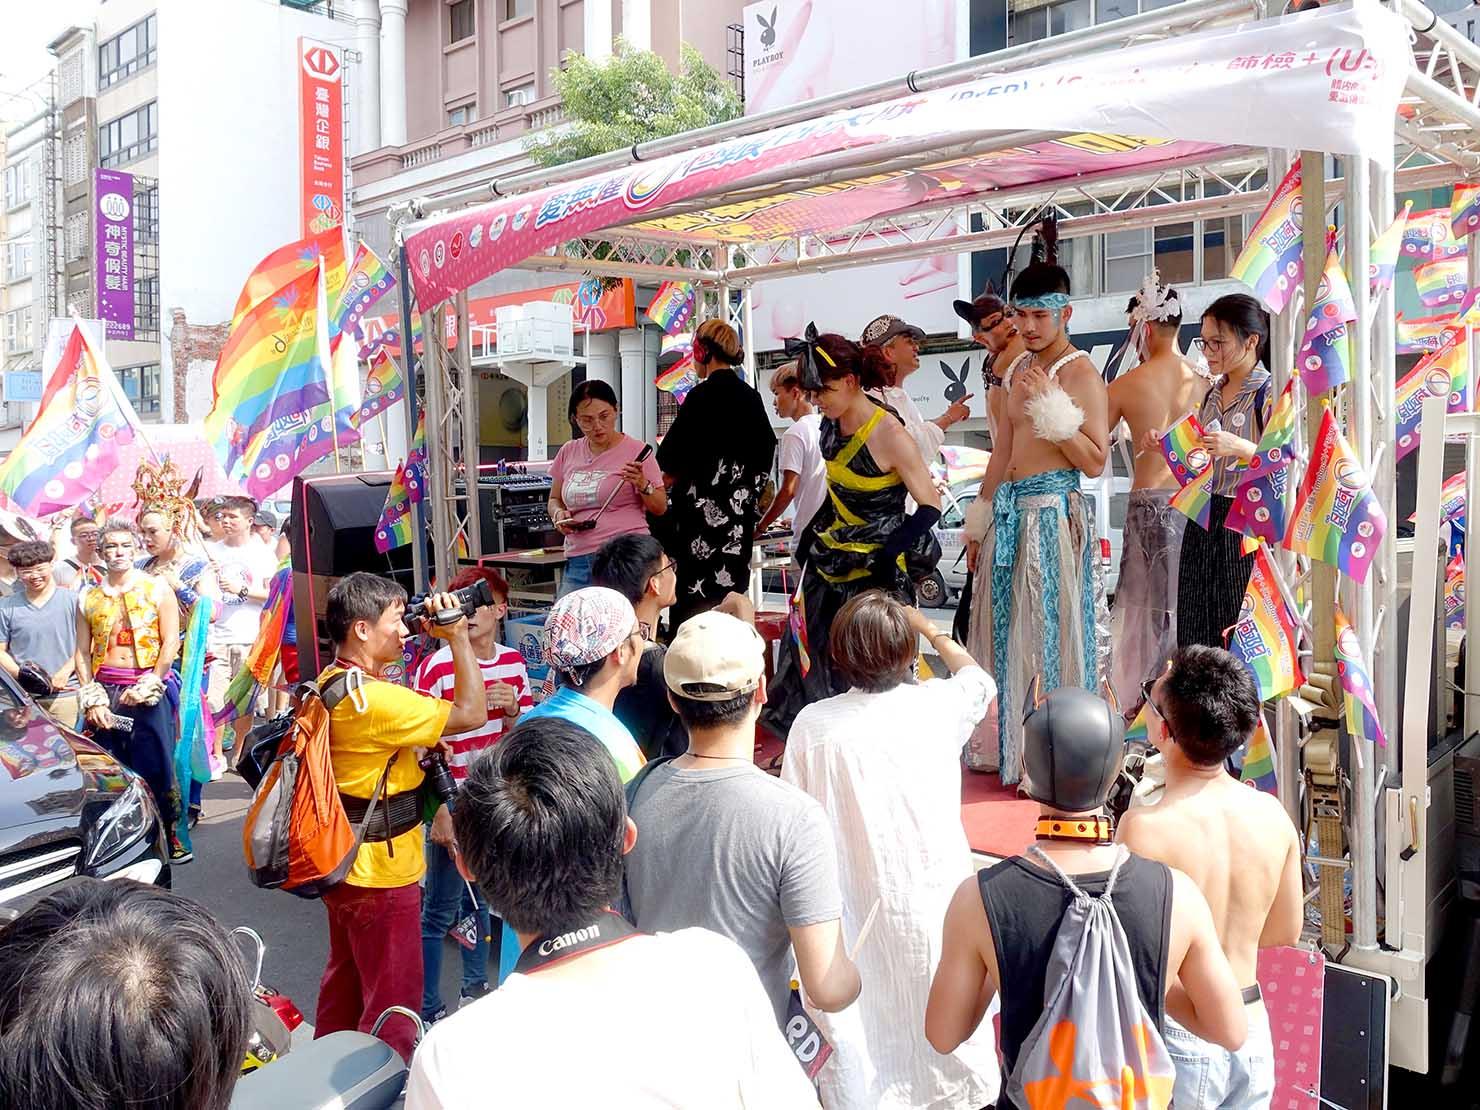 台南彩虹遊行(台南レインボーパレード)2019のパレードカーに集まる参加者たち